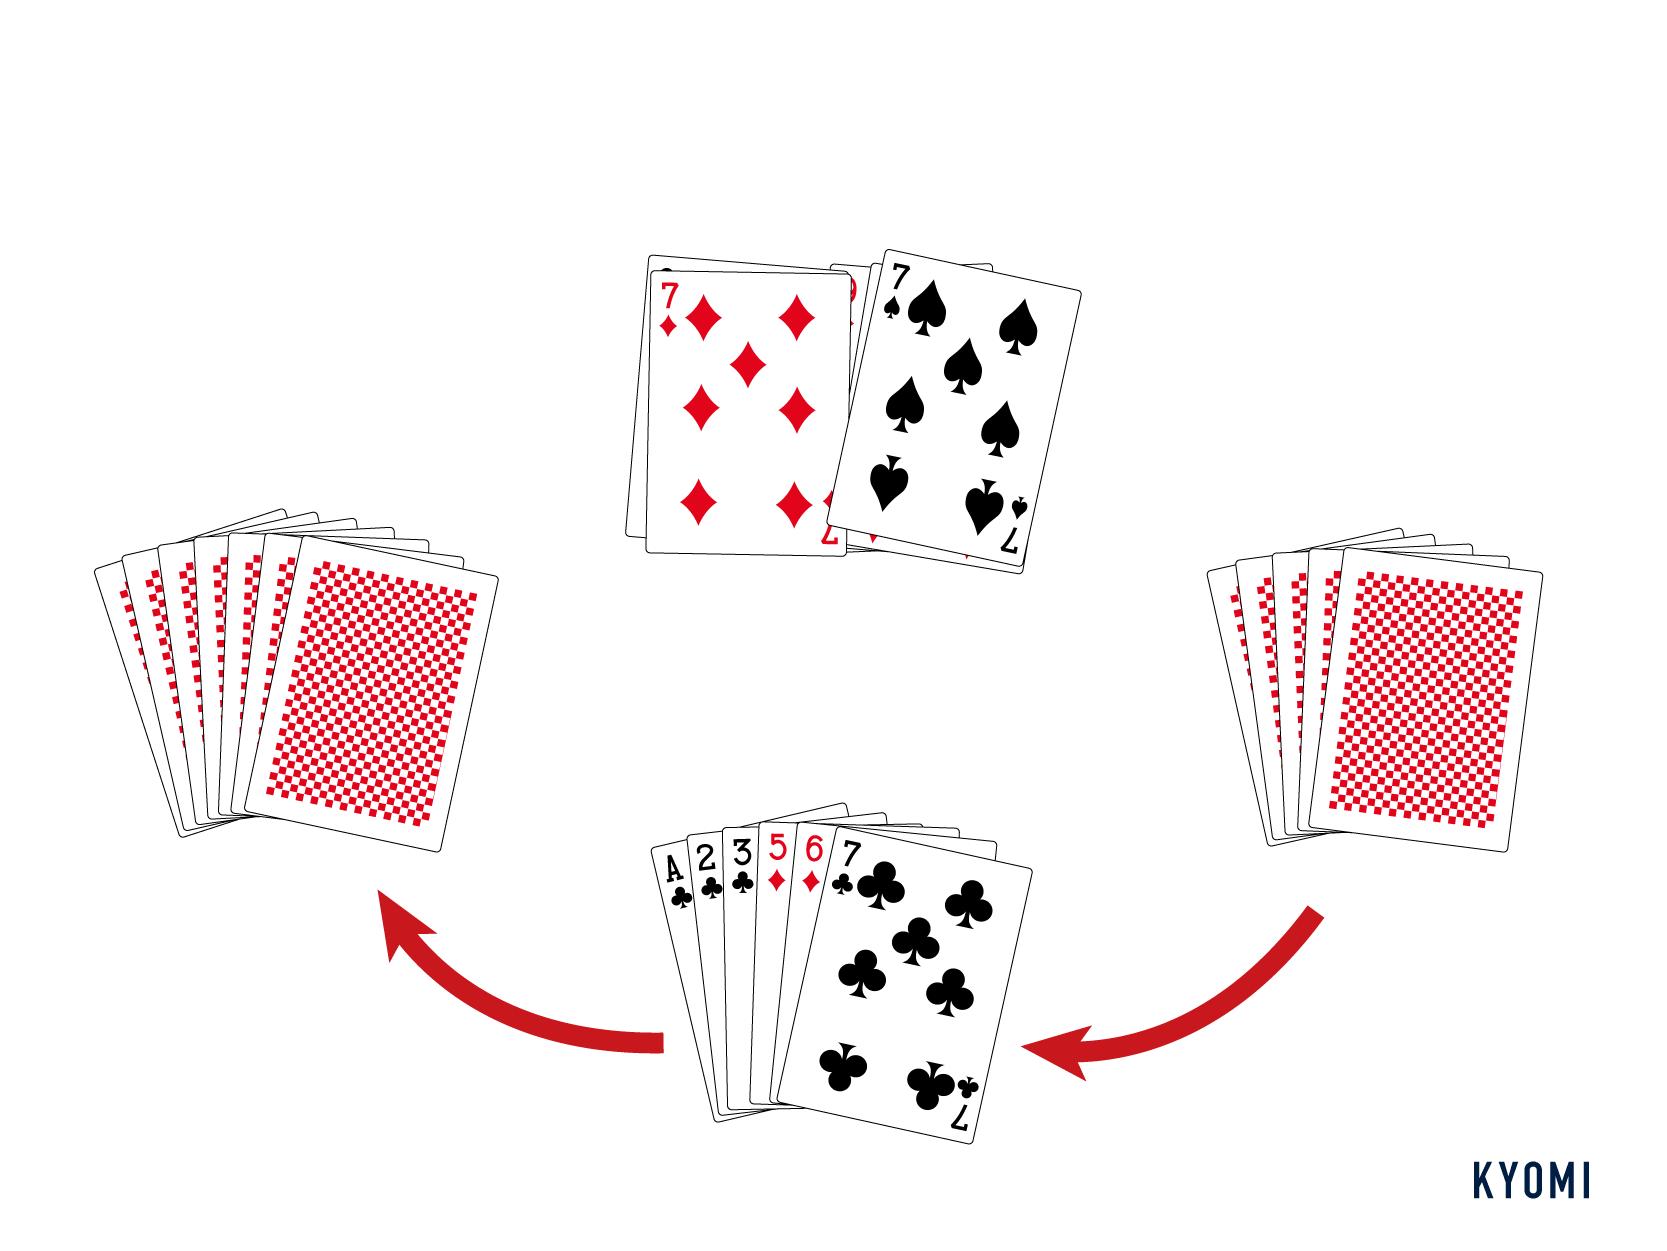 ババ抜き-図-カードを引く